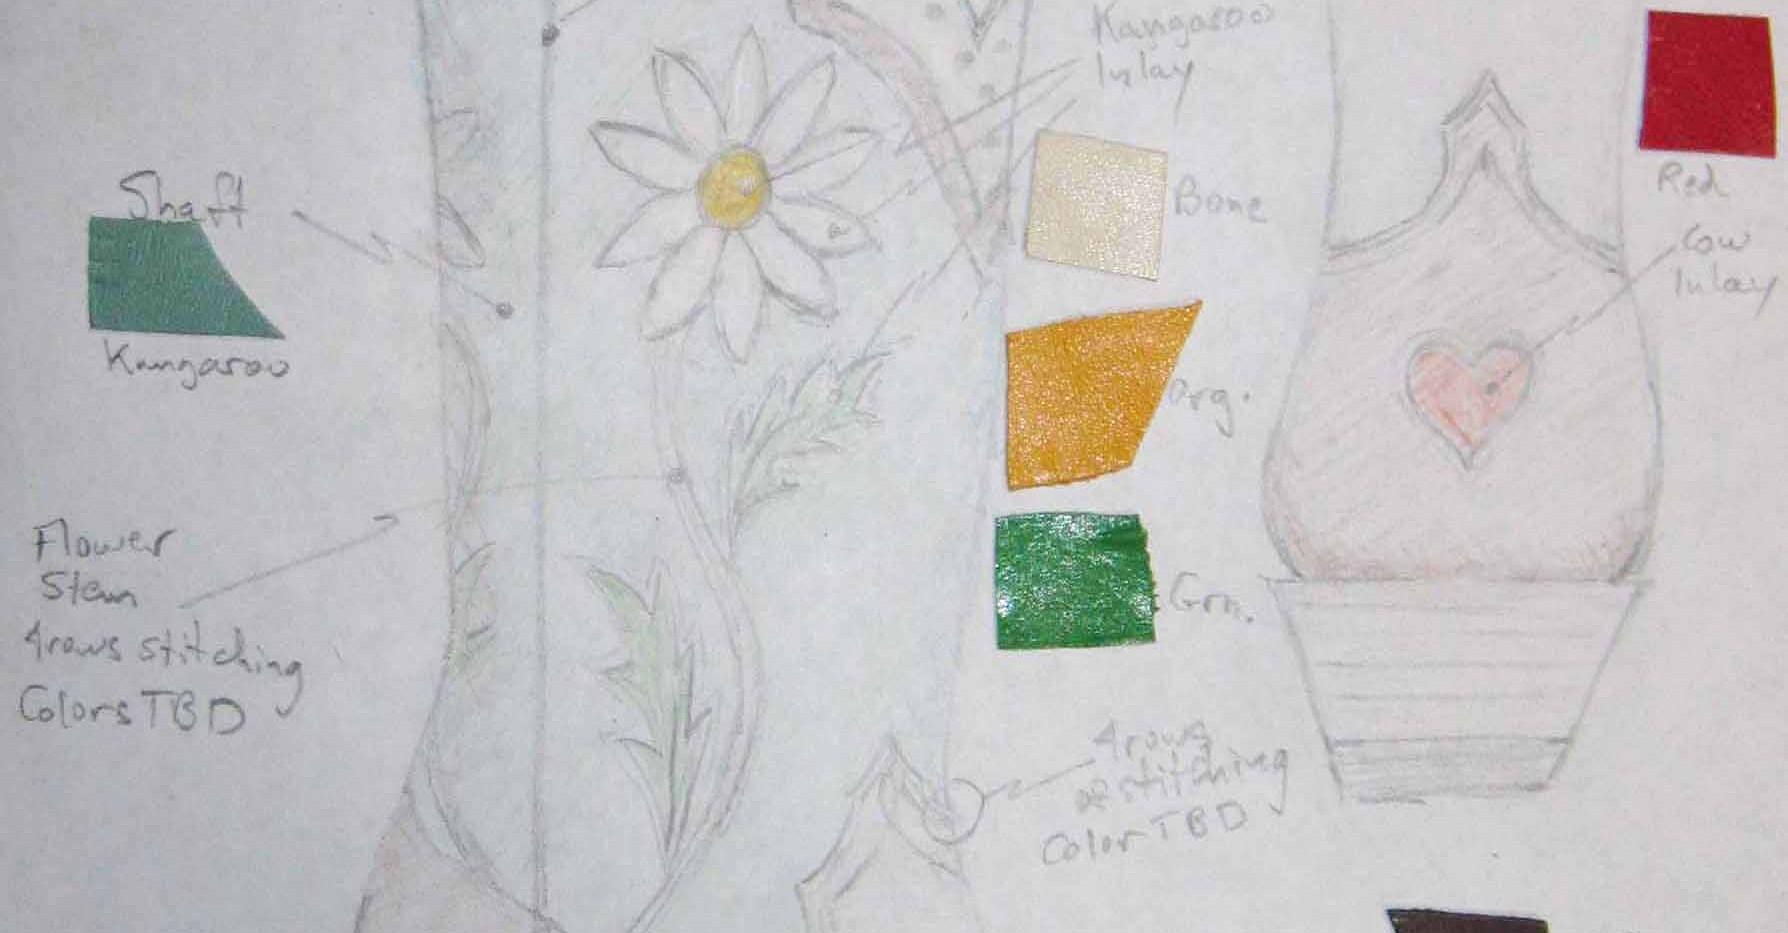 Daisies with heart heel design